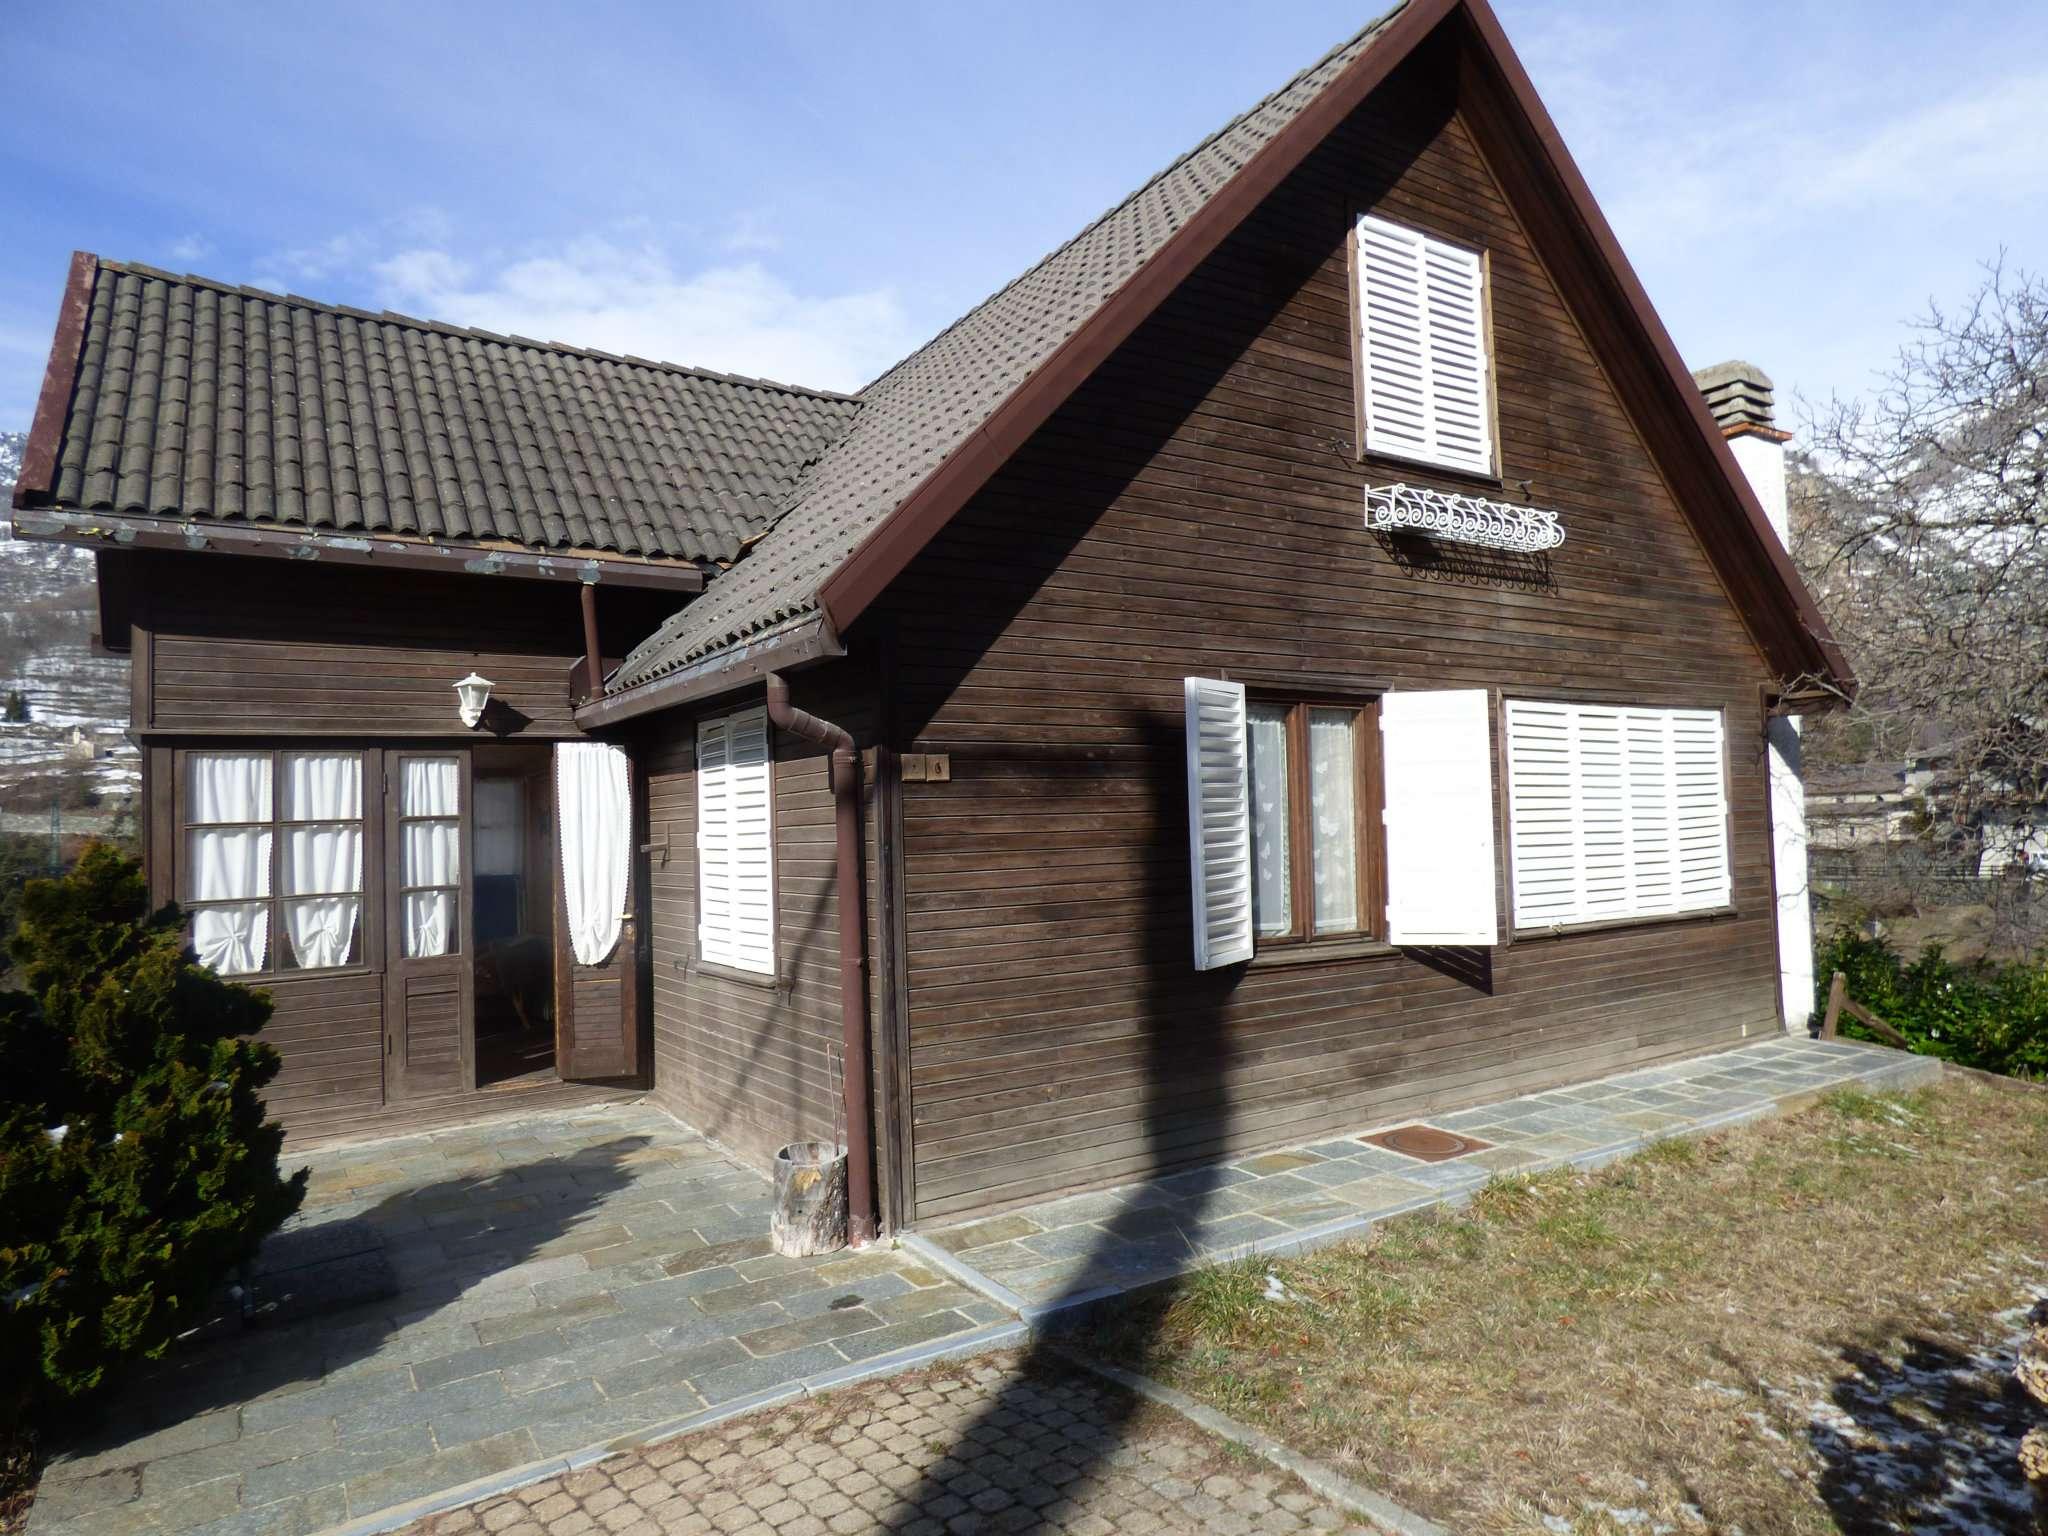 Villa in vendita a Antey-Saint-Andrè, 6 locali, prezzo € 260.000 | CambioCasa.it